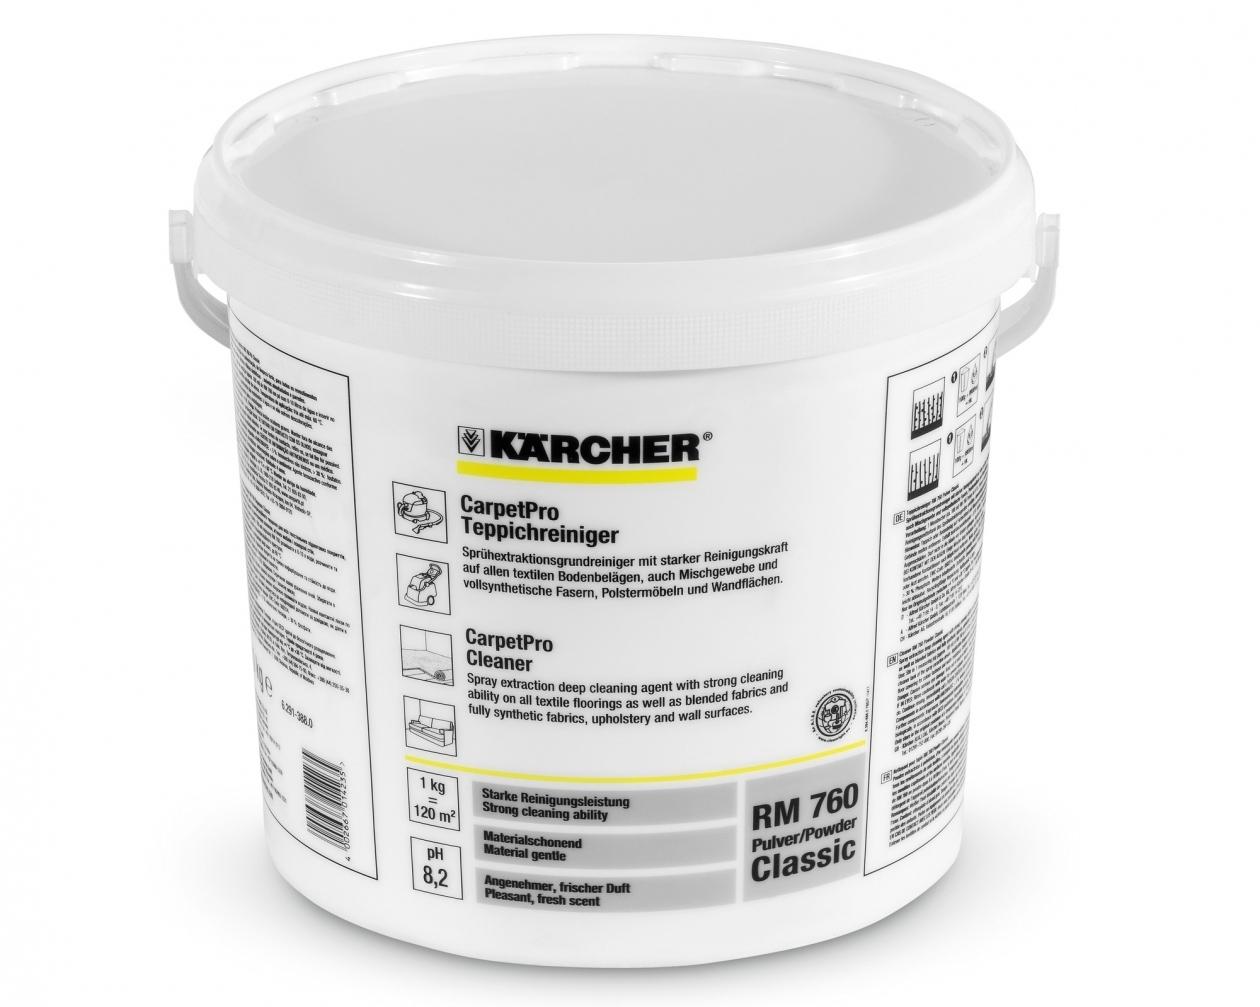 Компоненты порошка Карчер эффективны, но довольно токсичны